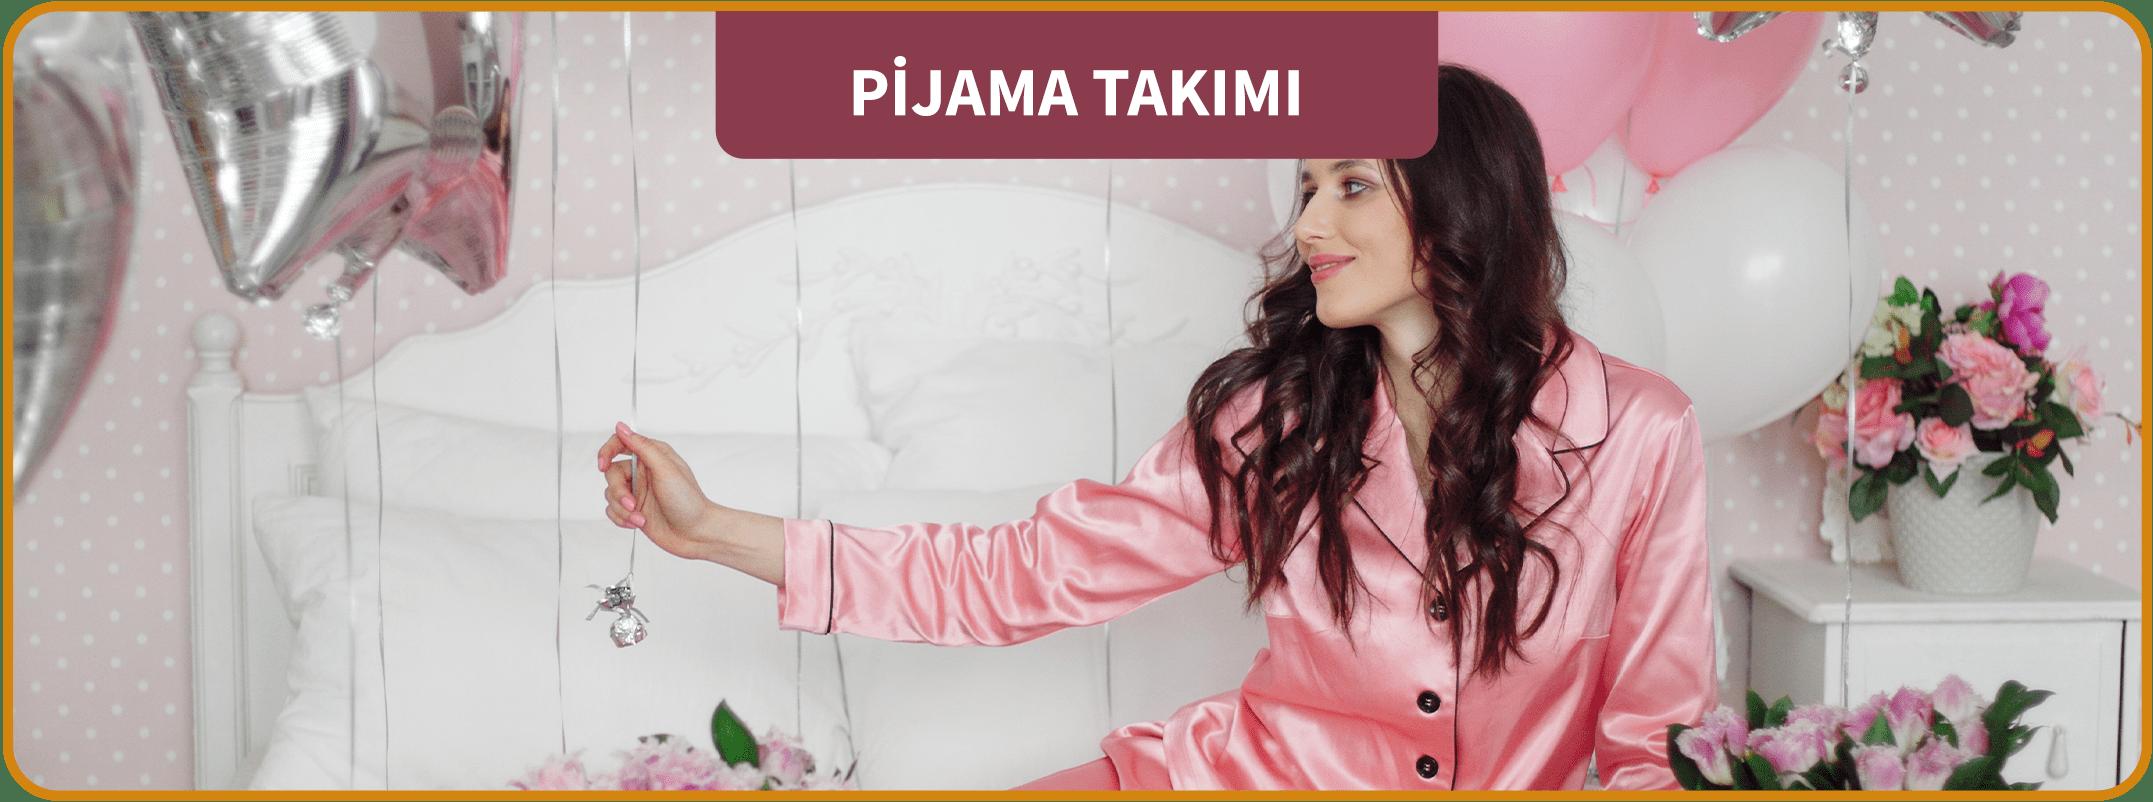 kadın pijama takımları